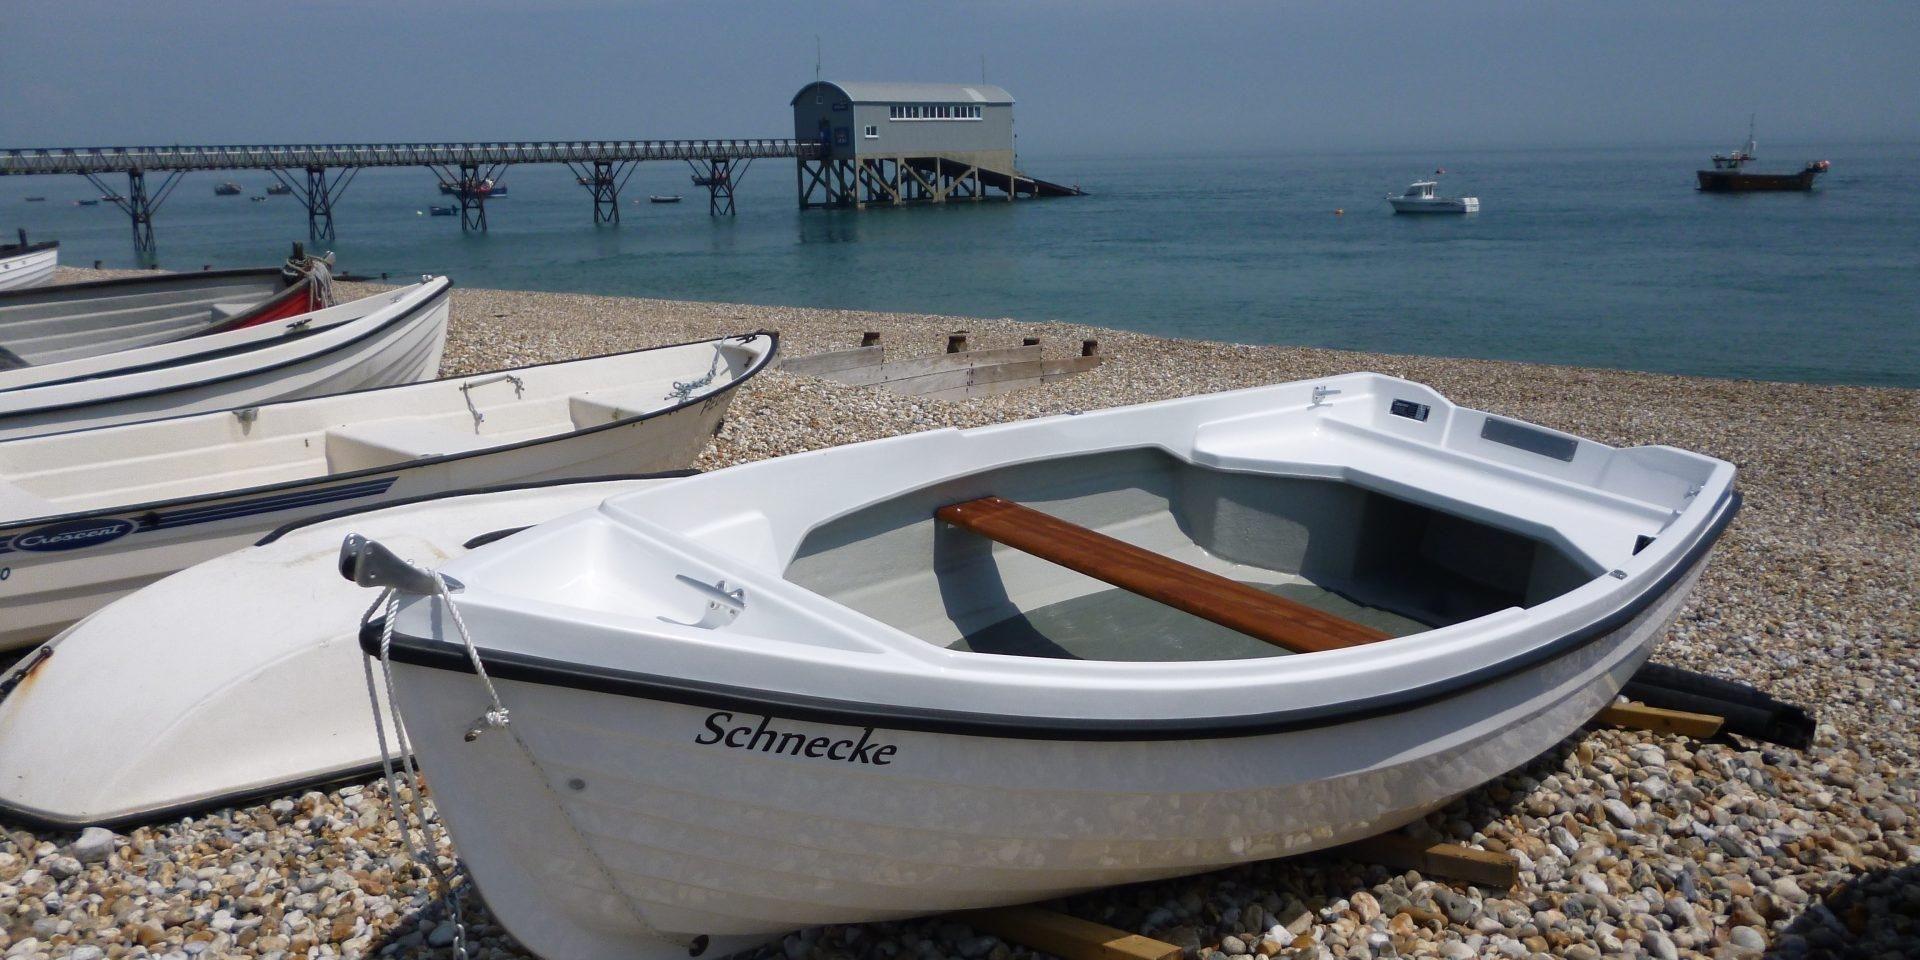 2017 orkney boats spinner 13 moteur bateau vendre www. Black Bedroom Furniture Sets. Home Design Ideas